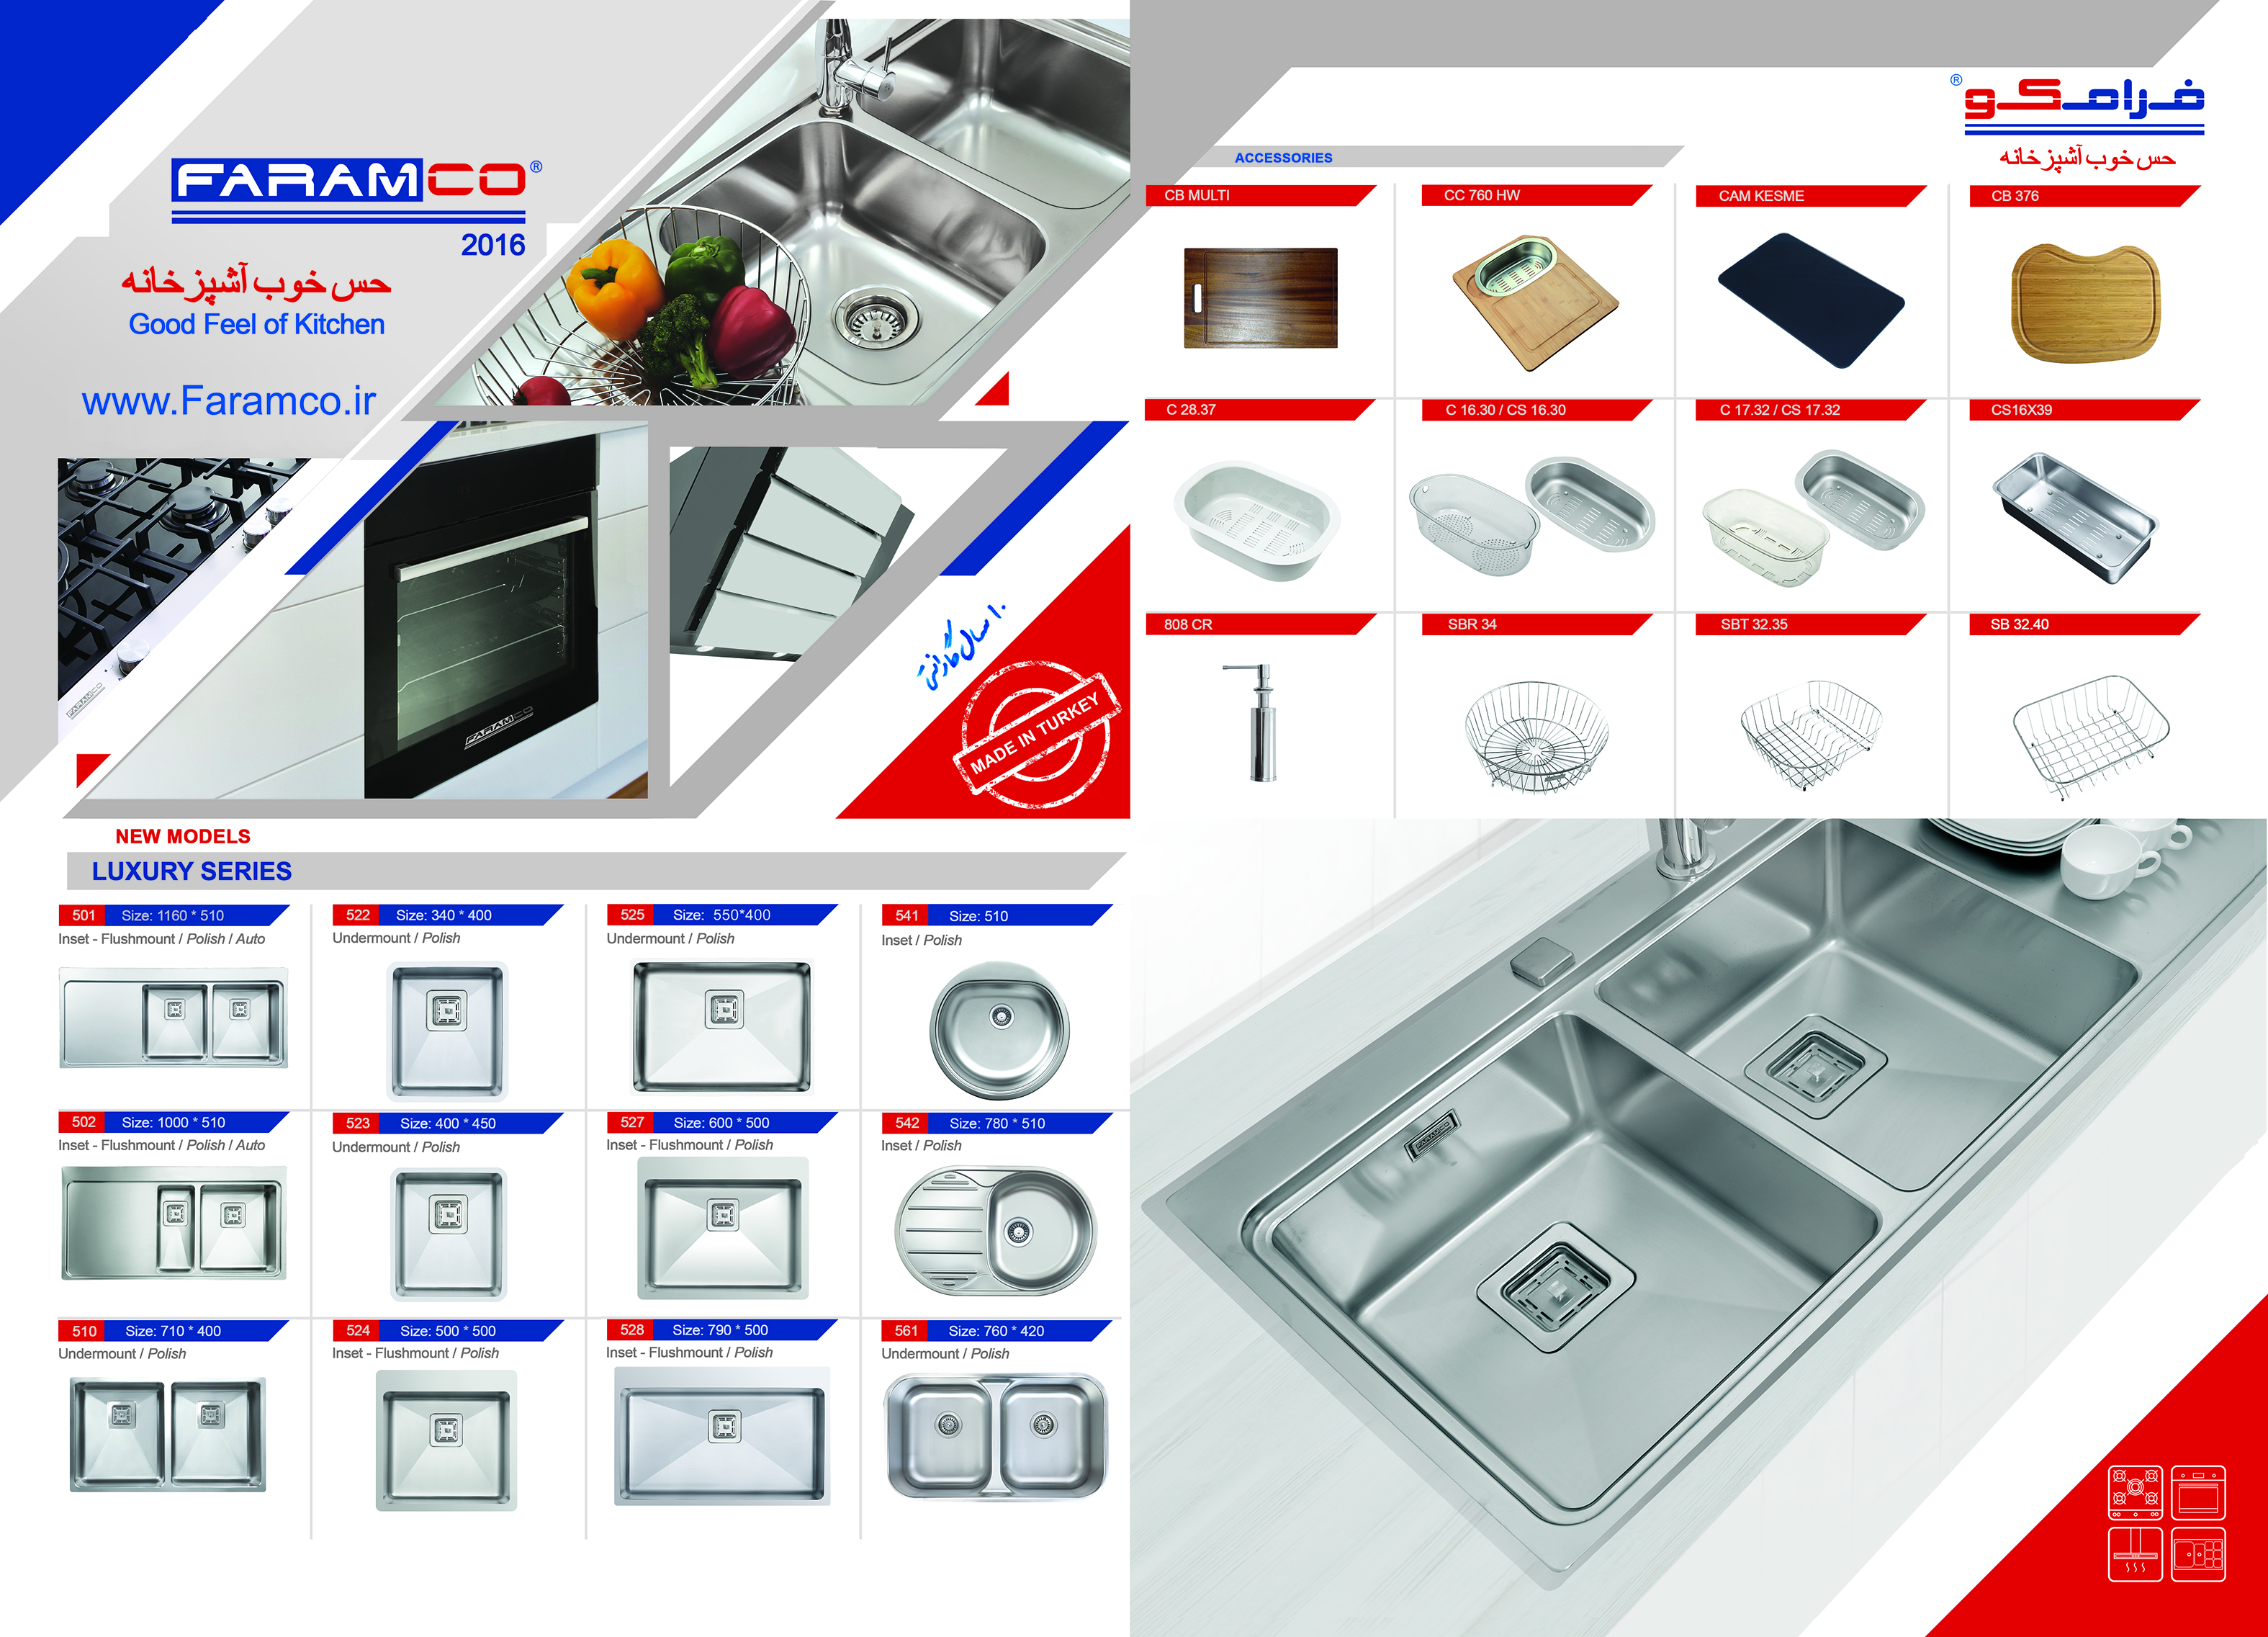 کاتالوگ محصولات فرامکو